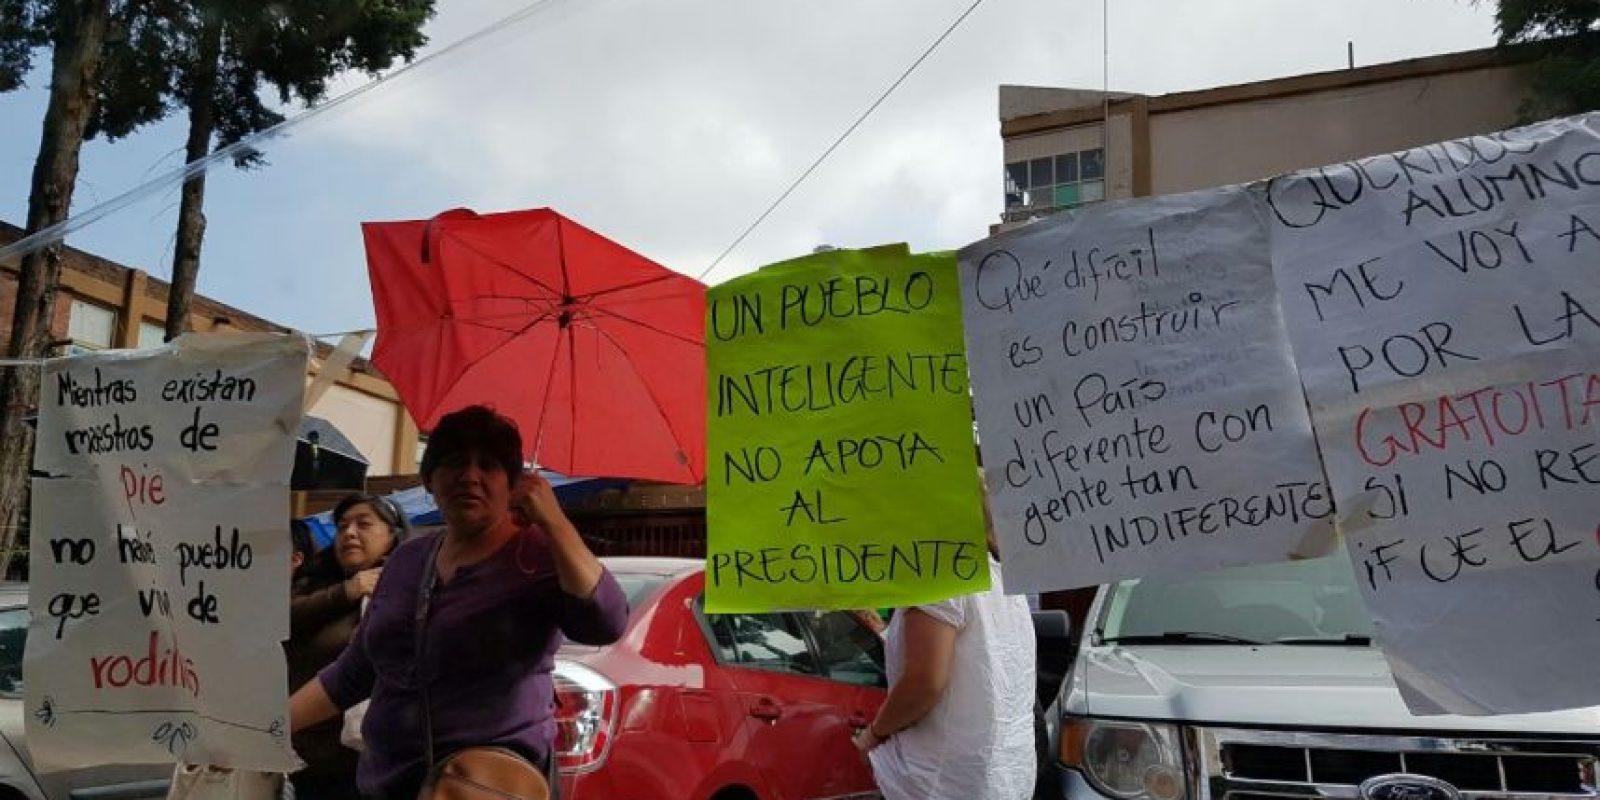 Foto:Ignacio Gómez /Publimetro